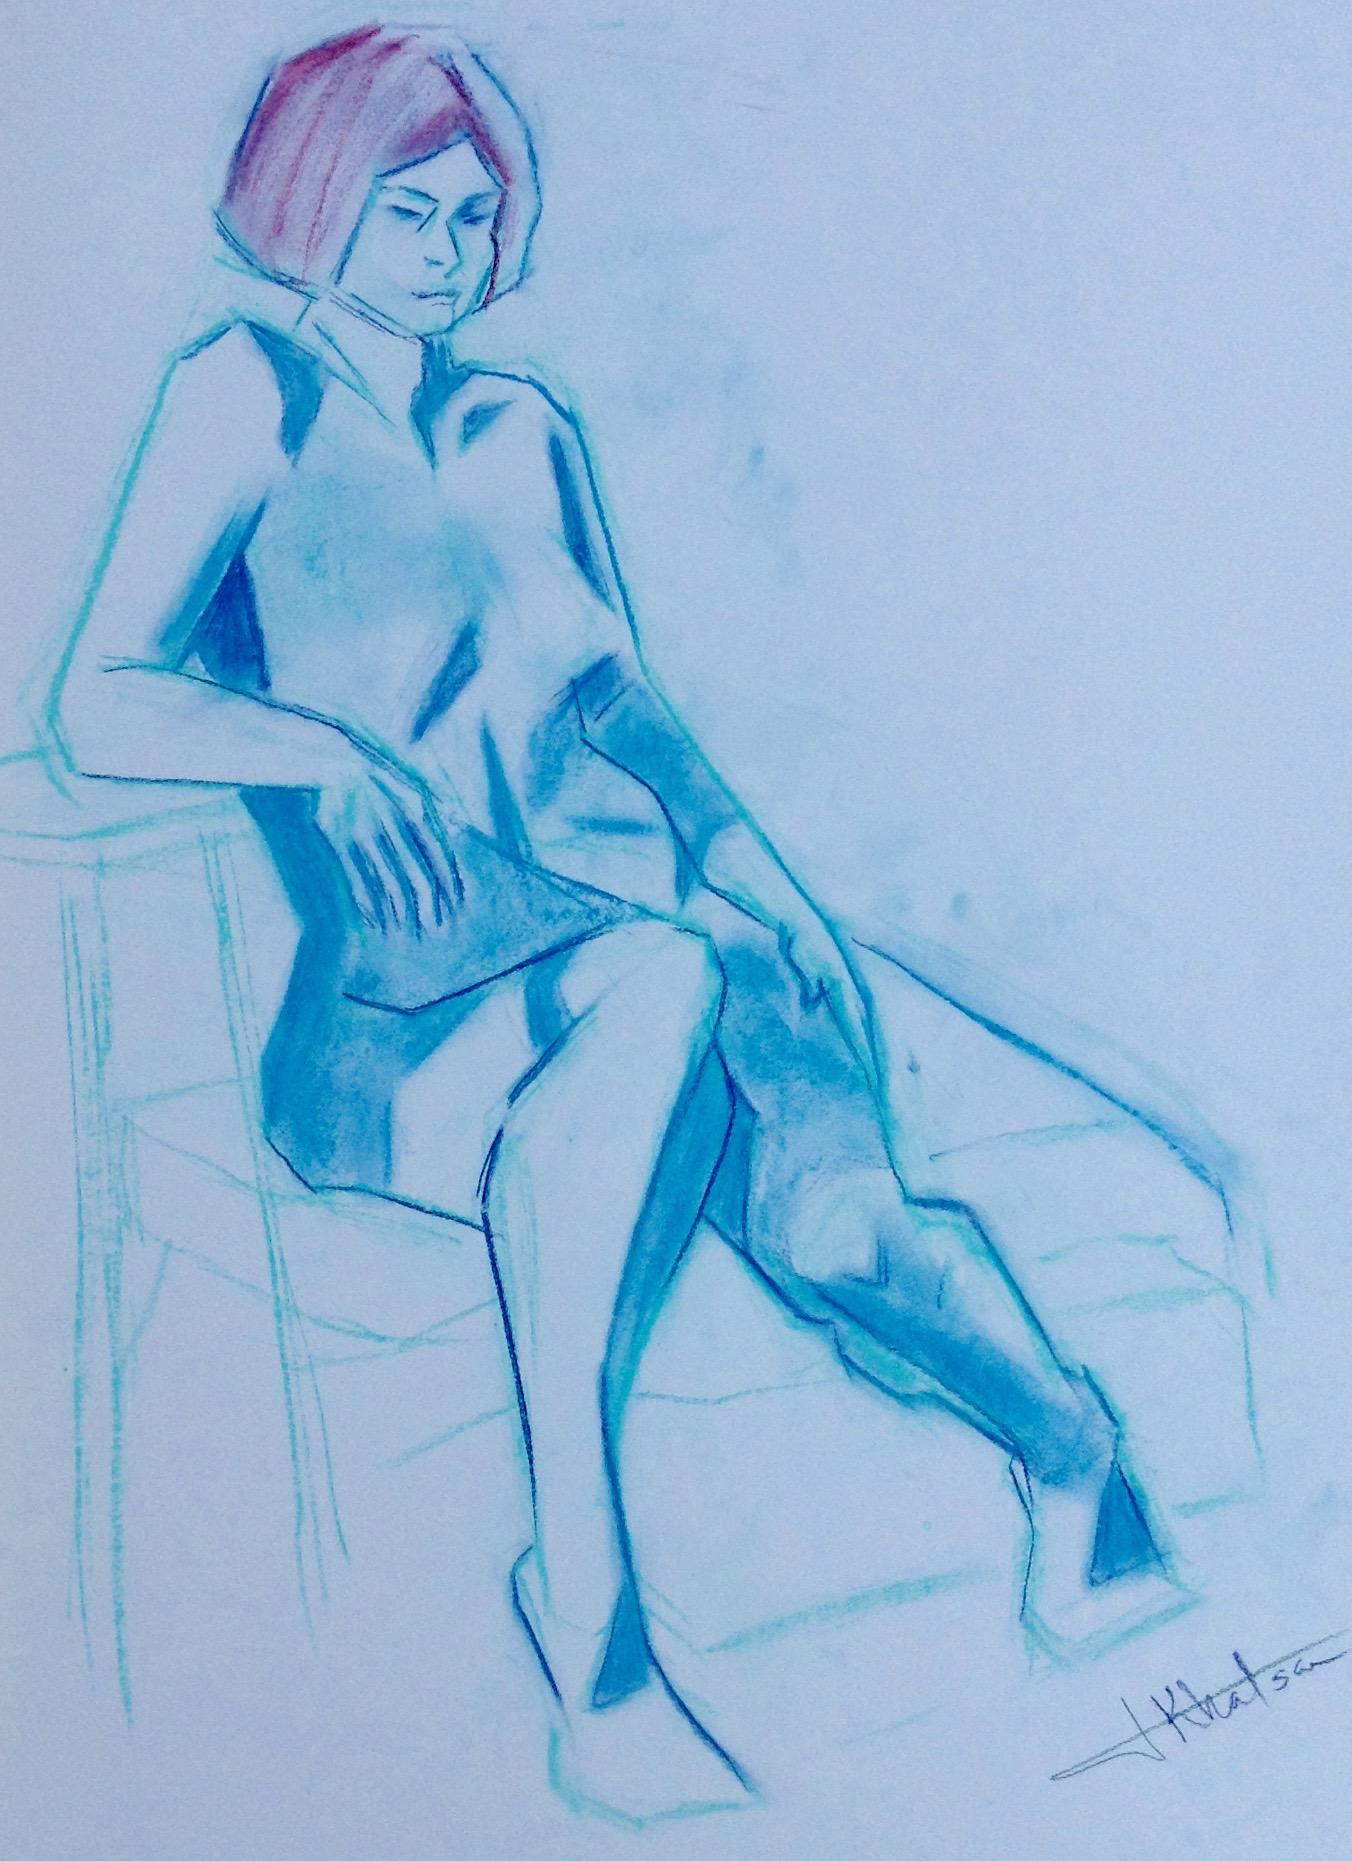 Figure Sketch in conte pastel